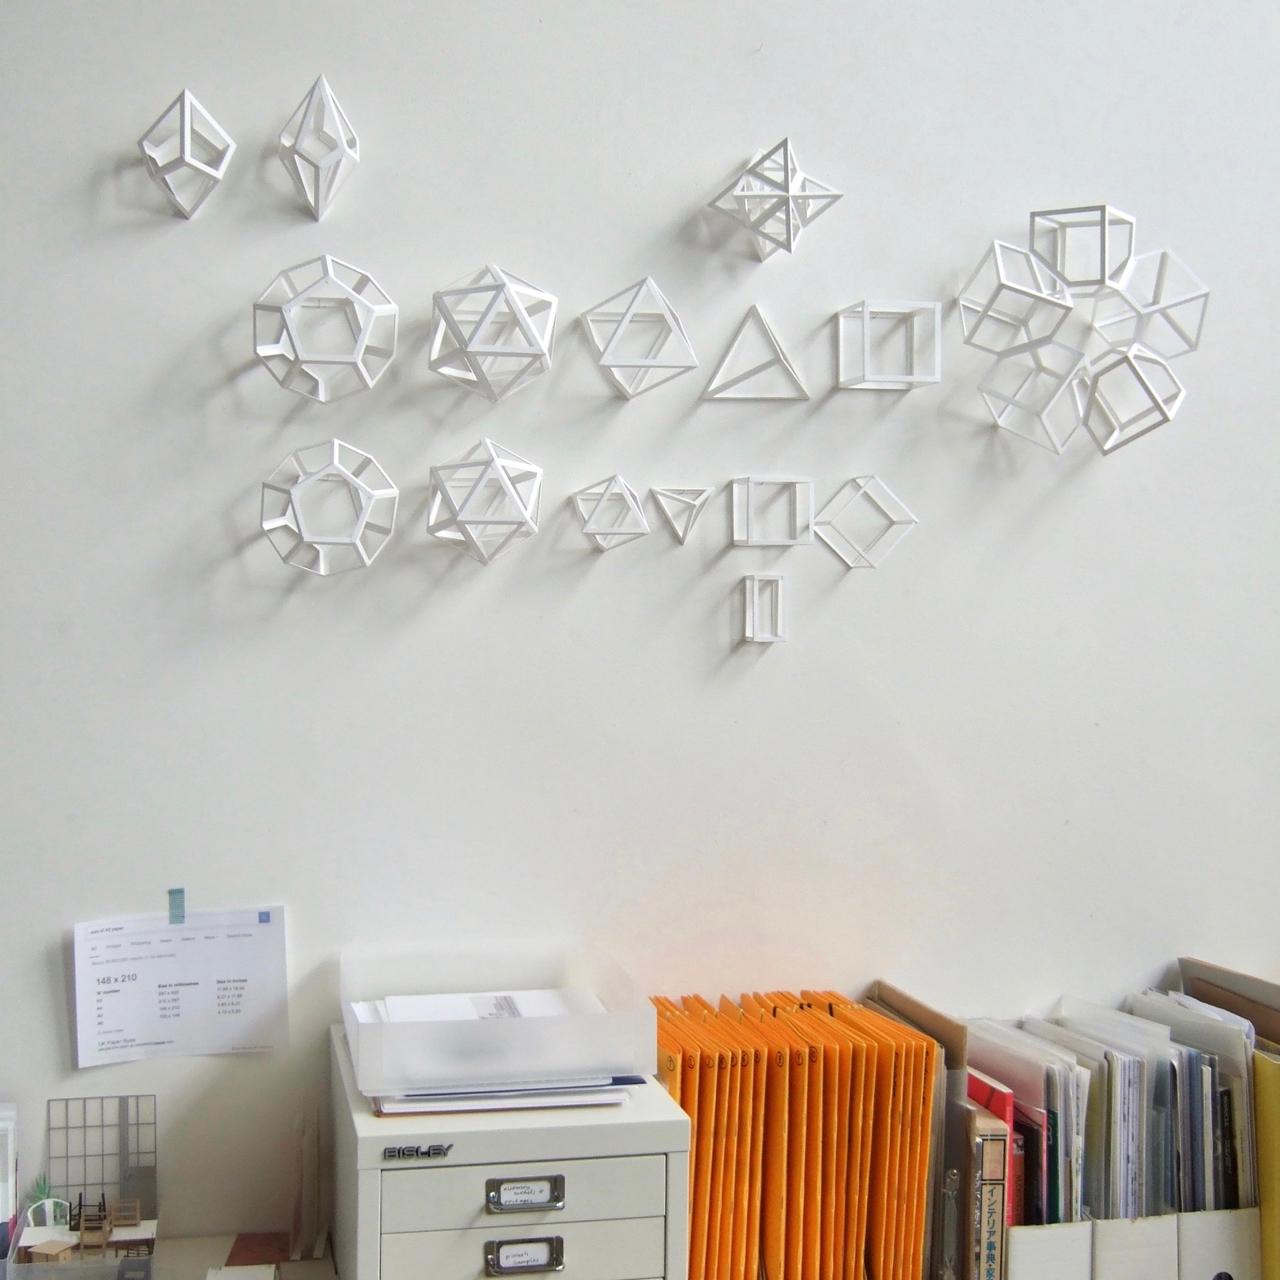 polyhedraonwall.jpg